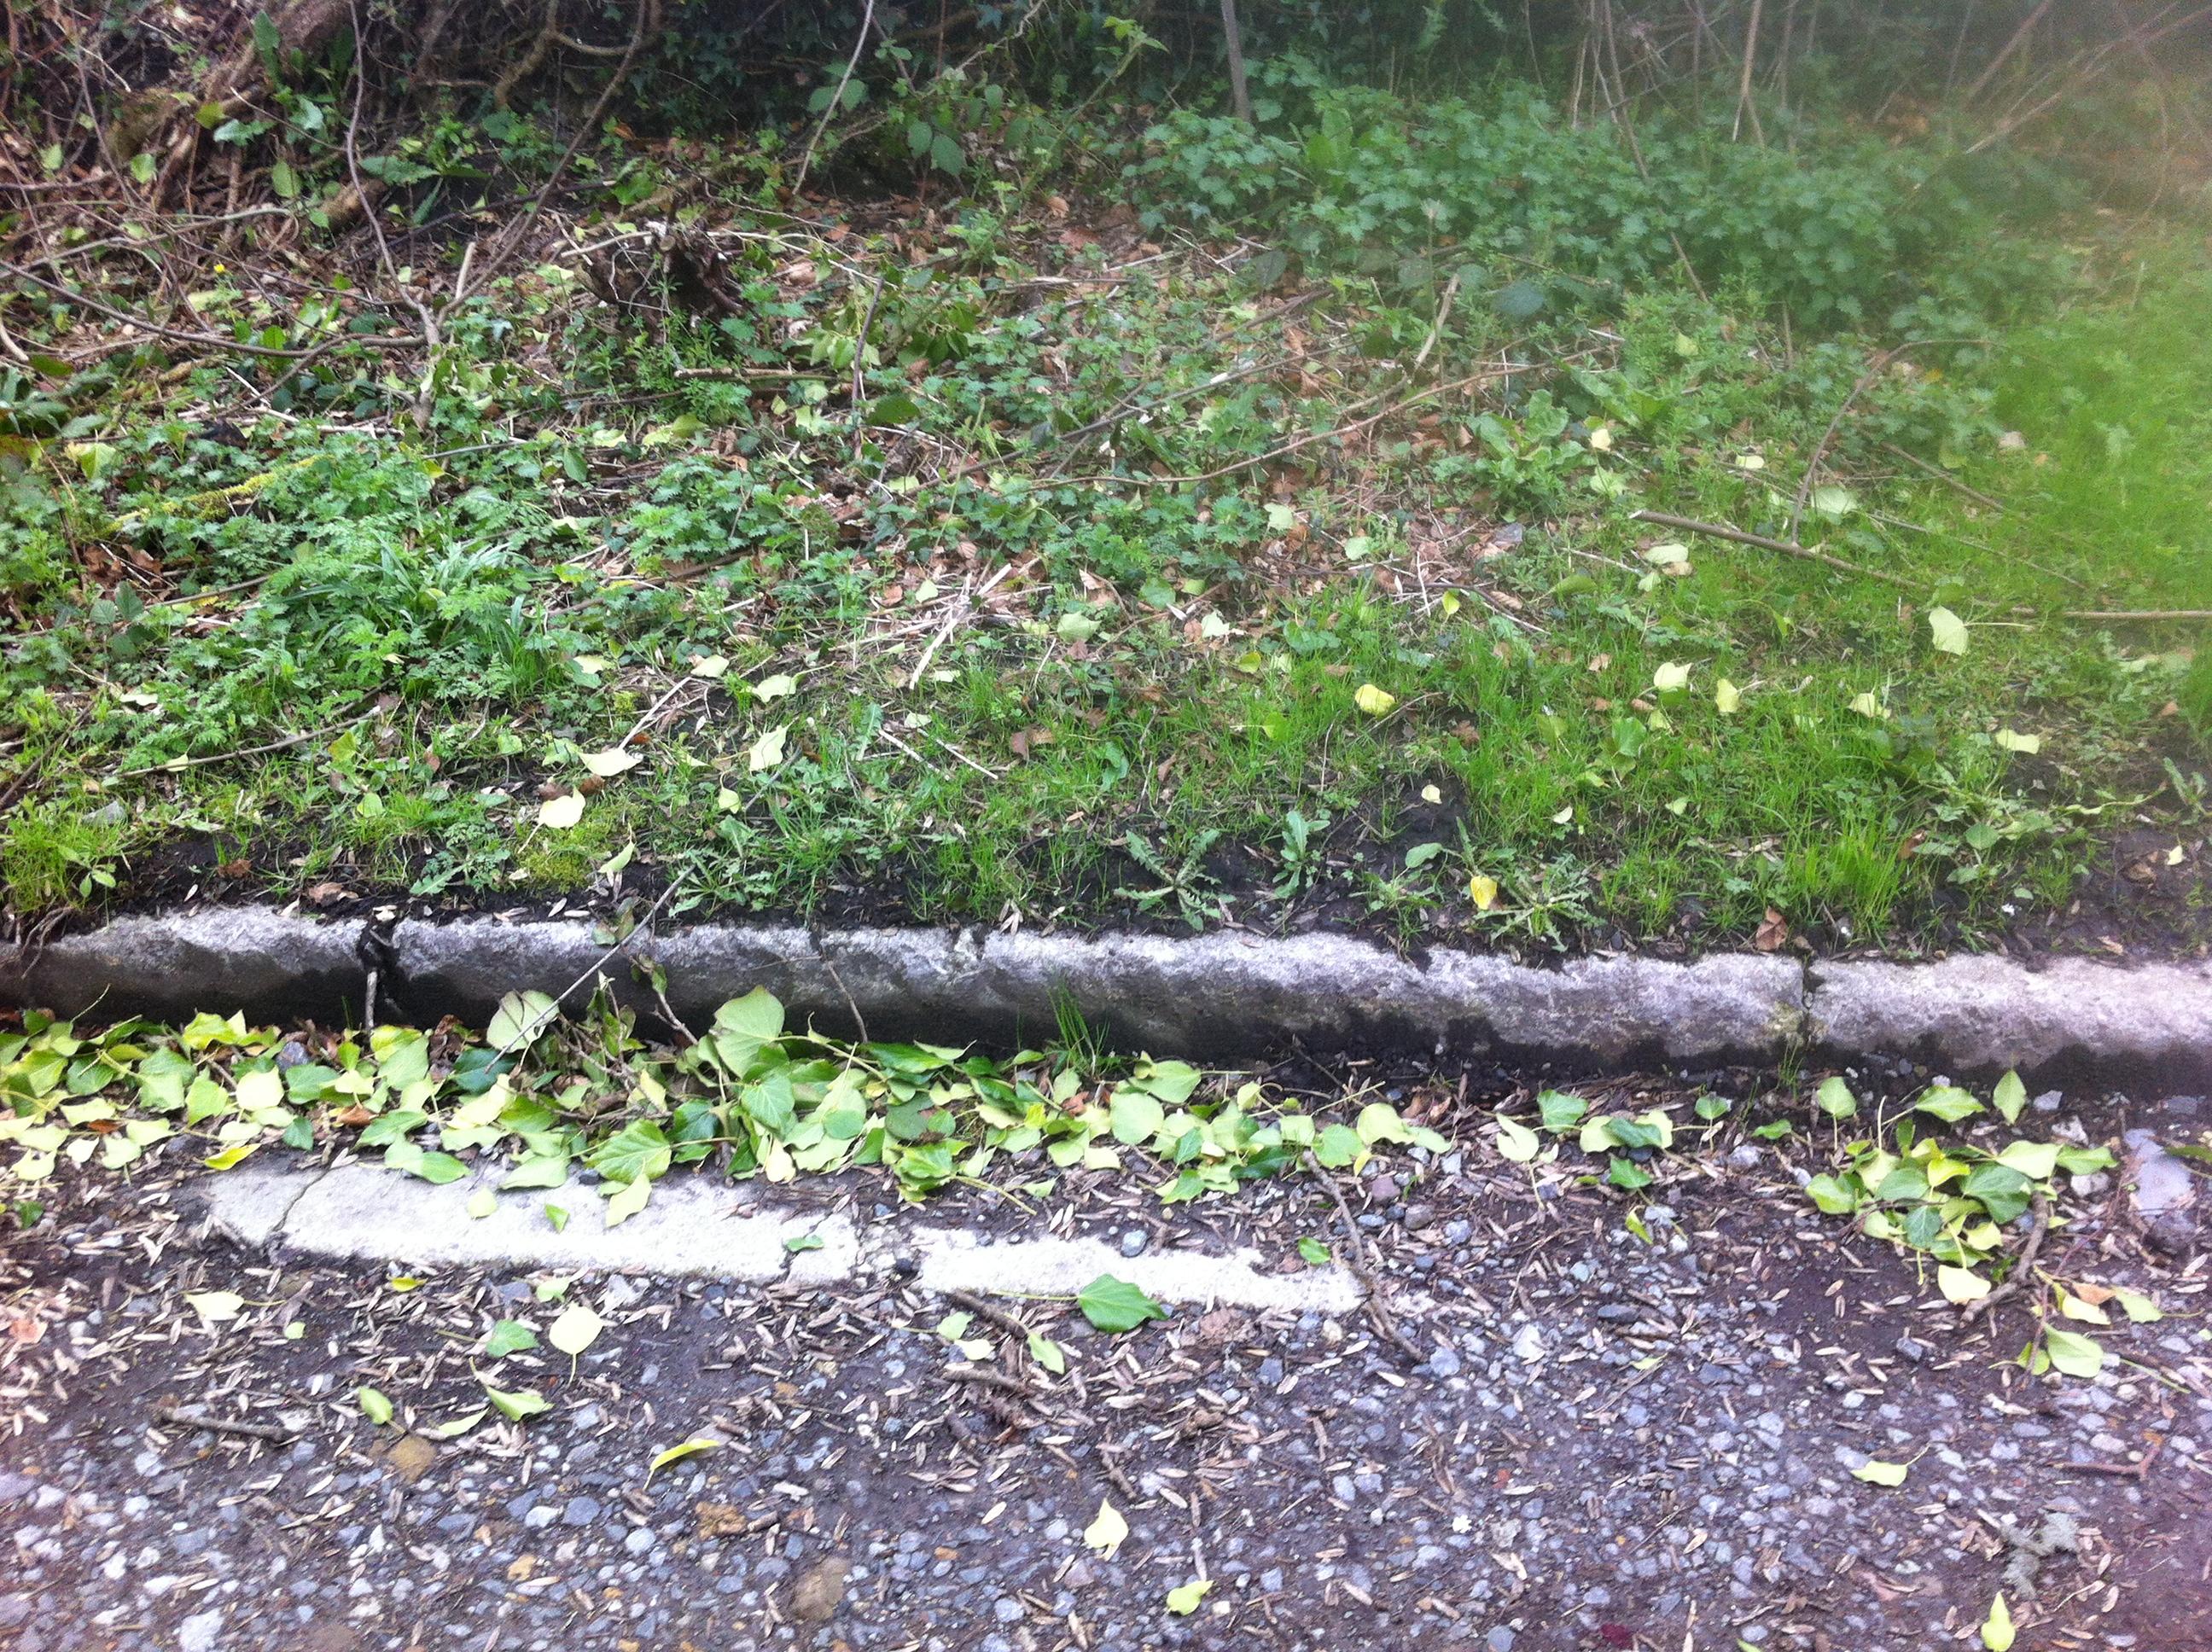 Curb stones at Beamish